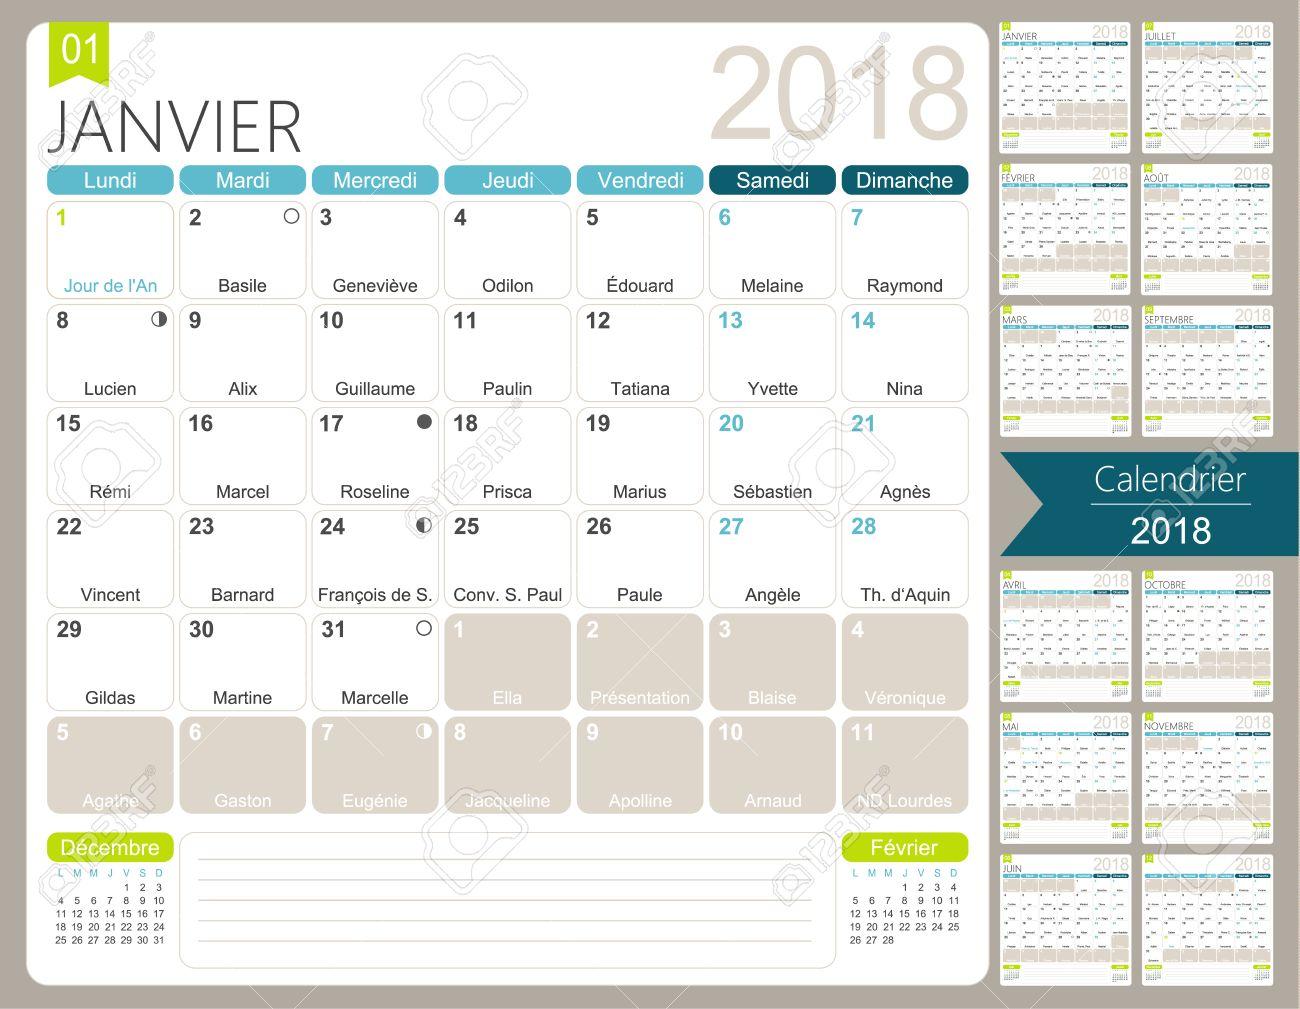 Calendario Diciembre 2018 Con Festivos.Francesfrances Calendario 2018 Set De 12 Meses Enero Diciembre Calendario De Calendario Mensual Printable Frances Incluyendo Dias De Nombre